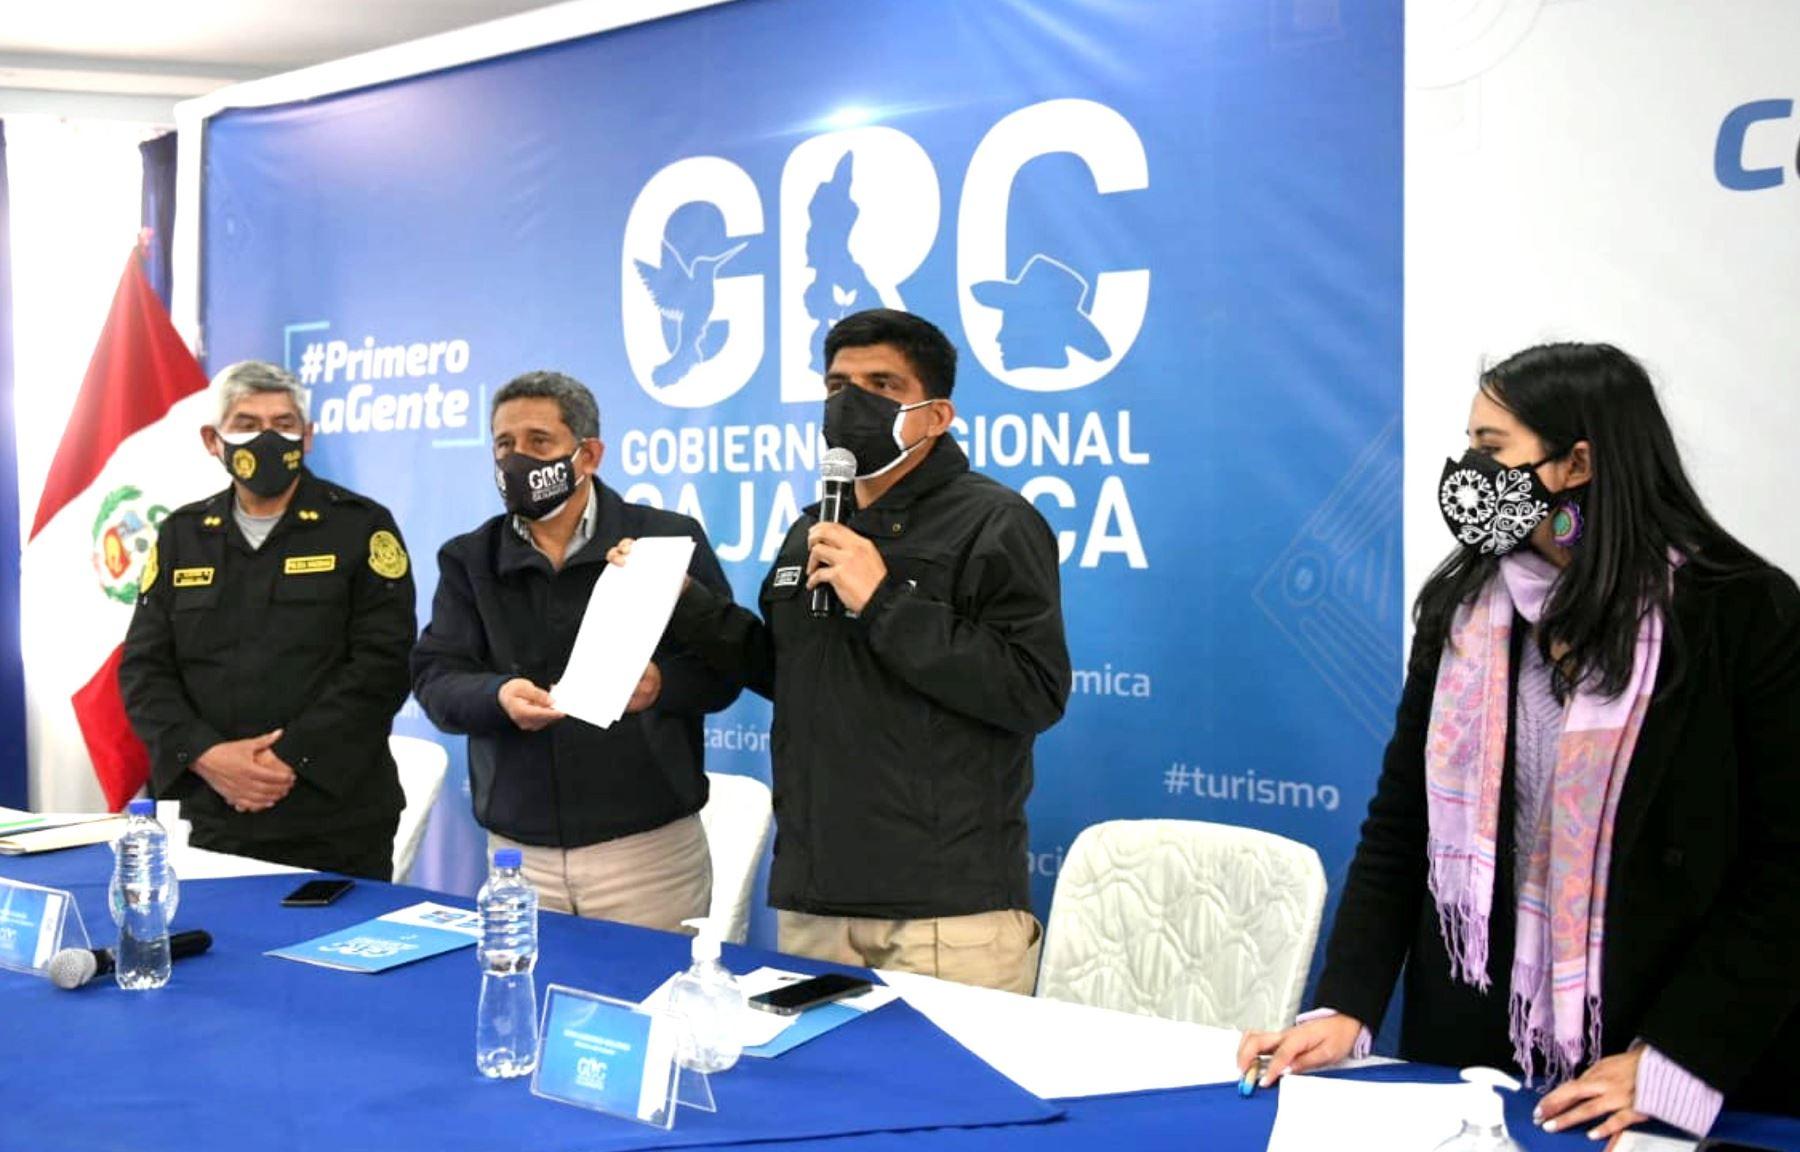 El ministro del Interior, Juan Carrasco Millones, y el gobernador regional de Cajamarca, Mesías Guevara, suscribieron un convenio de cooperación interinstitucional para la adquisición de vehículos que servirán para fortalecer la capacidad operativa de la Policía Nacional y reforzar el patrullaje y la seguridad ciudadana en dicha región del país. Foto: ANDINA/Mininter